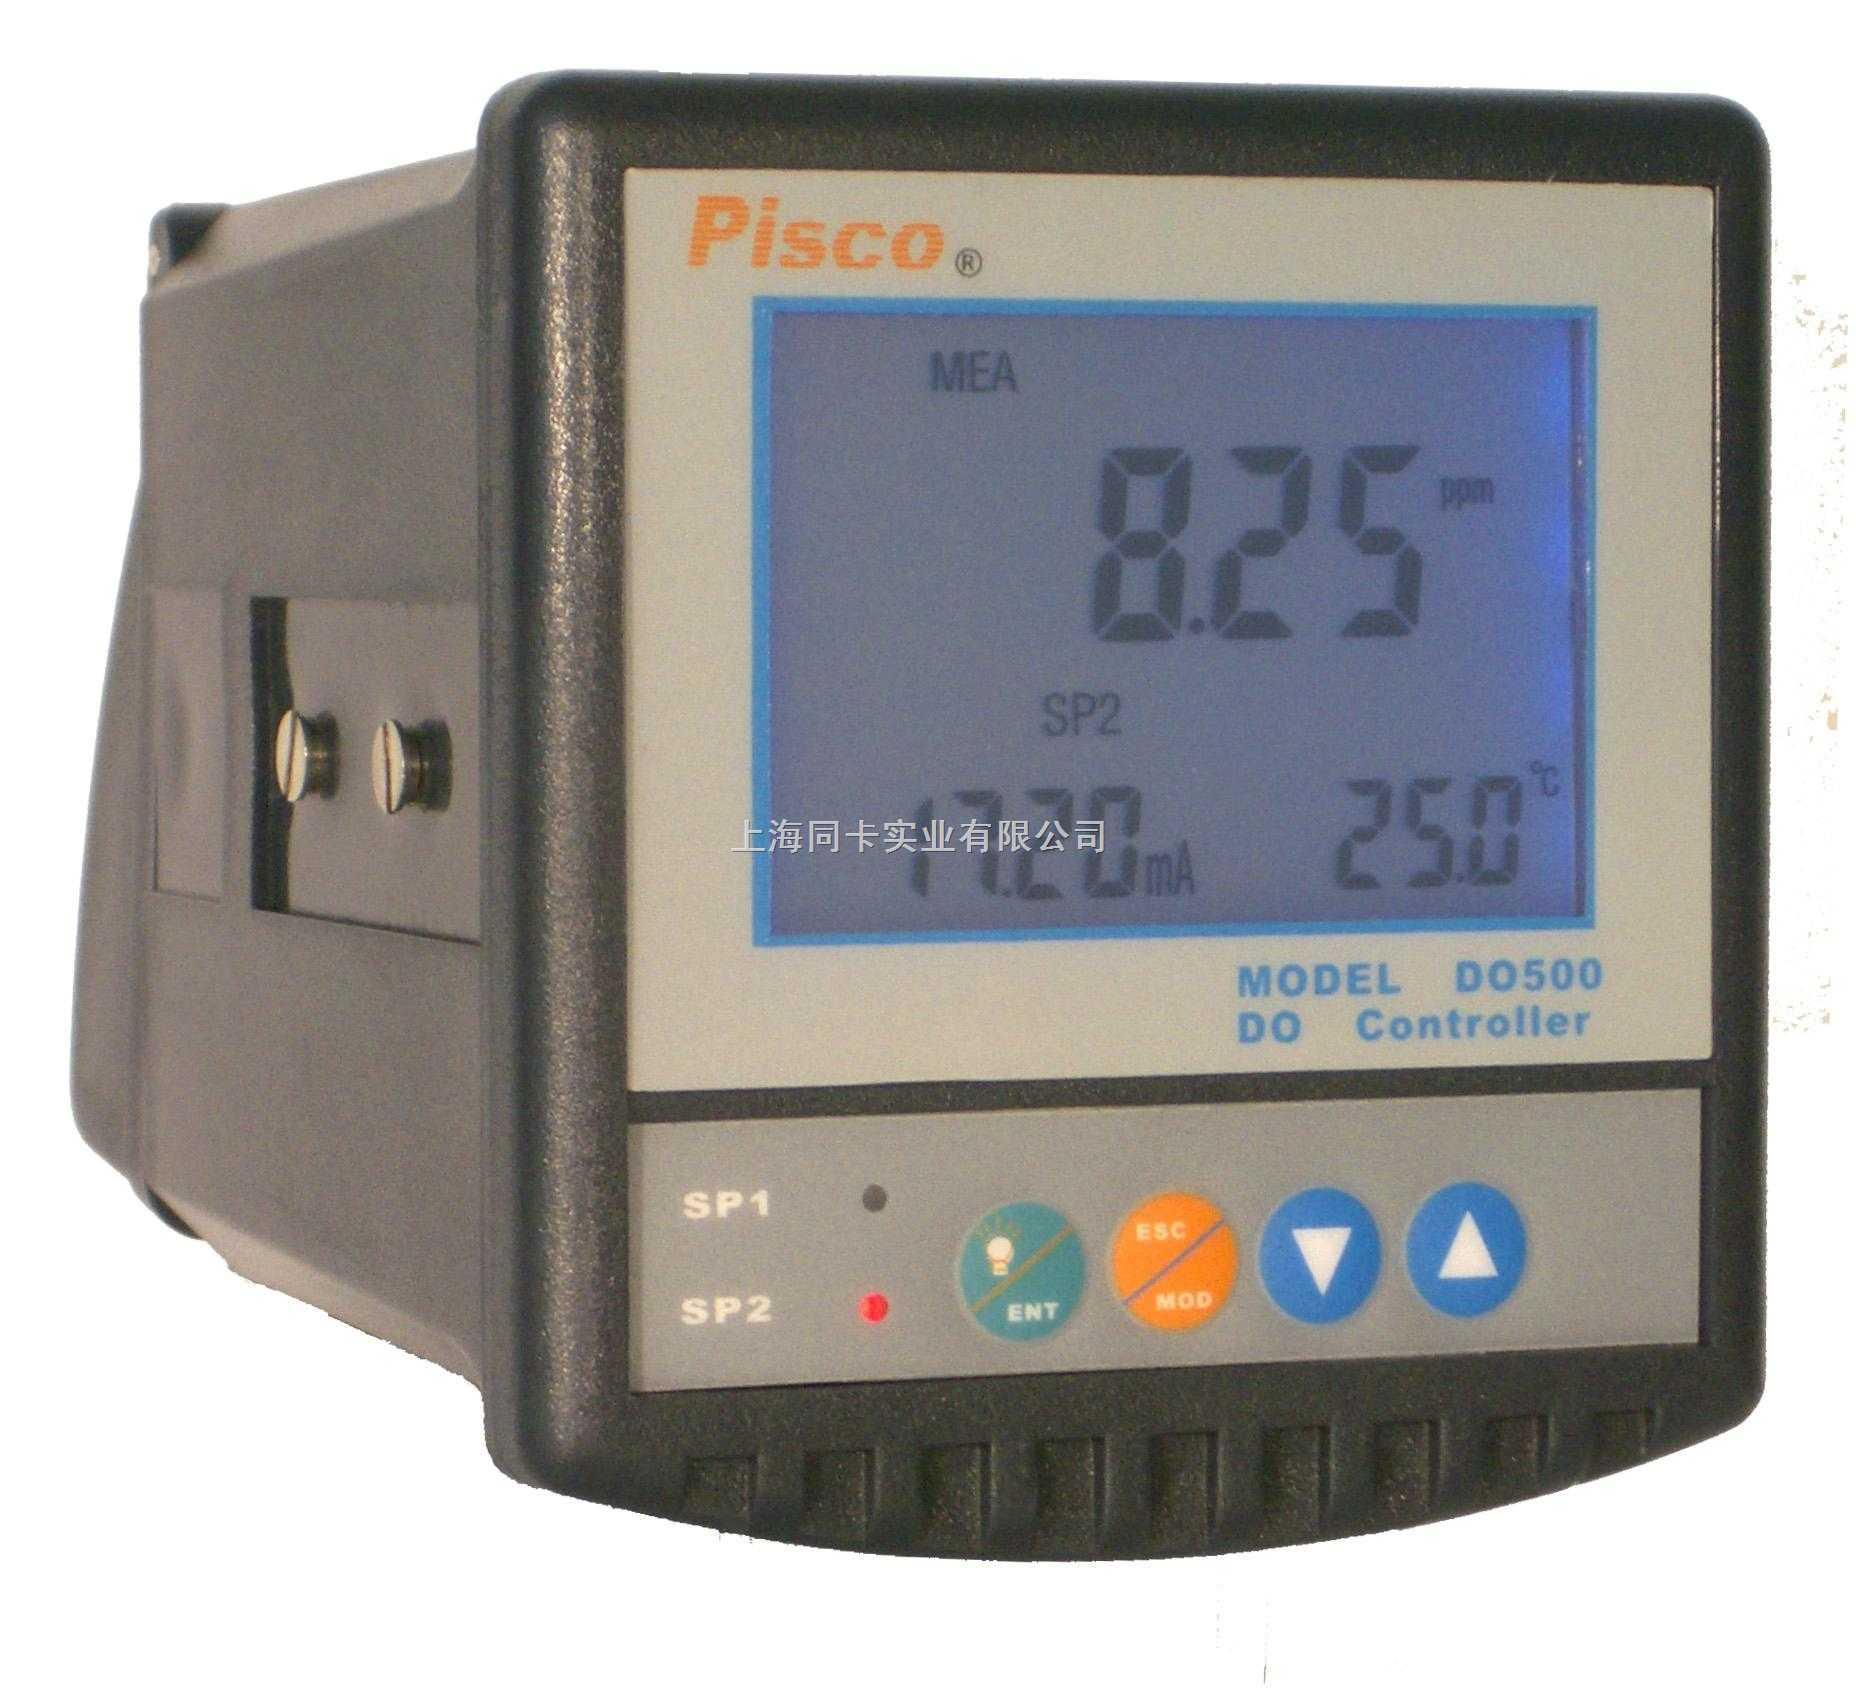 PISCO DO溶氧控制器DO500